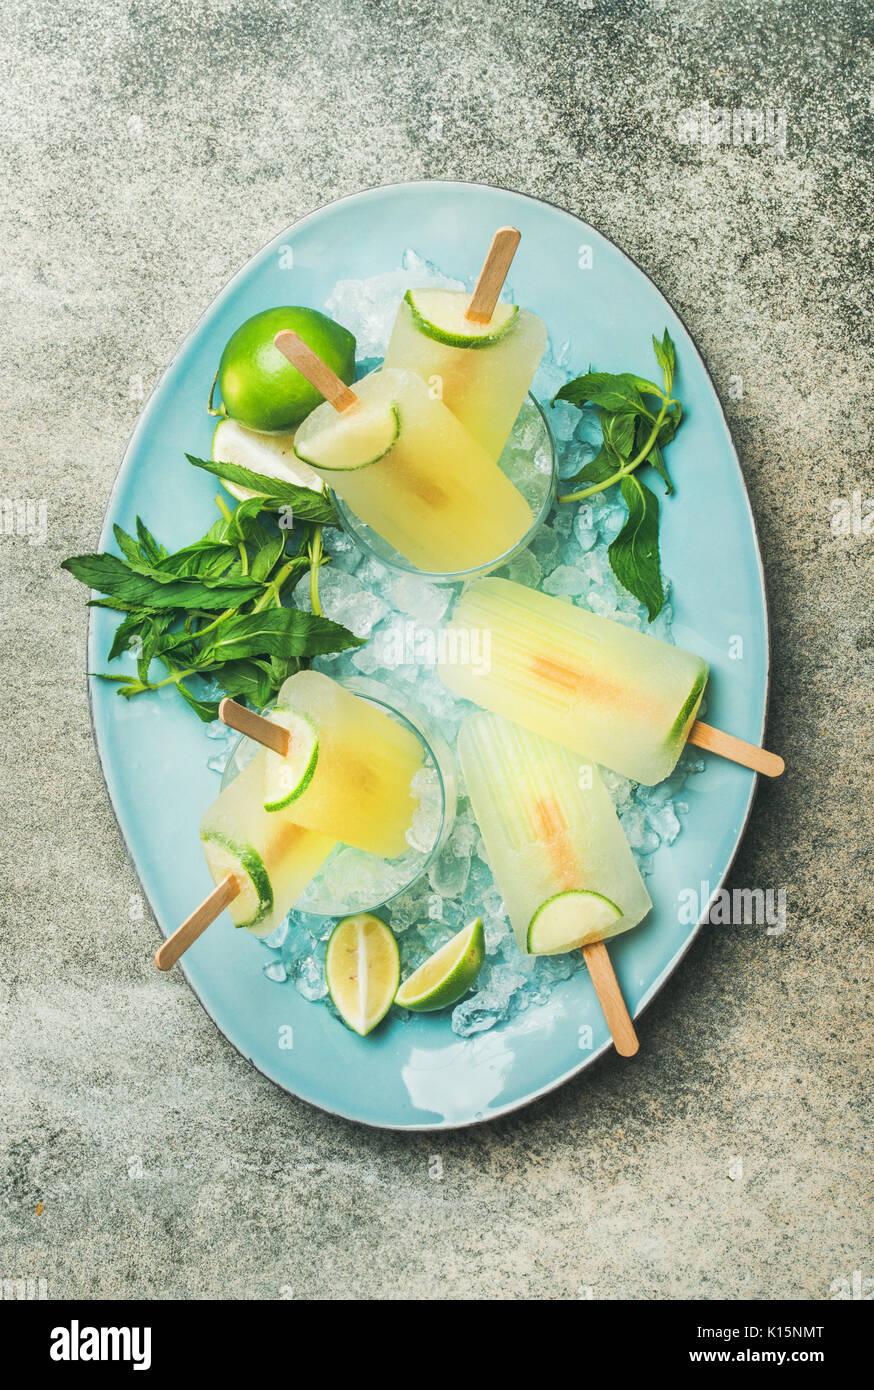 Limonade rafraîchissante de l'été les popsicles avec de la chaux et de menthe sur la plaque Photo Stock